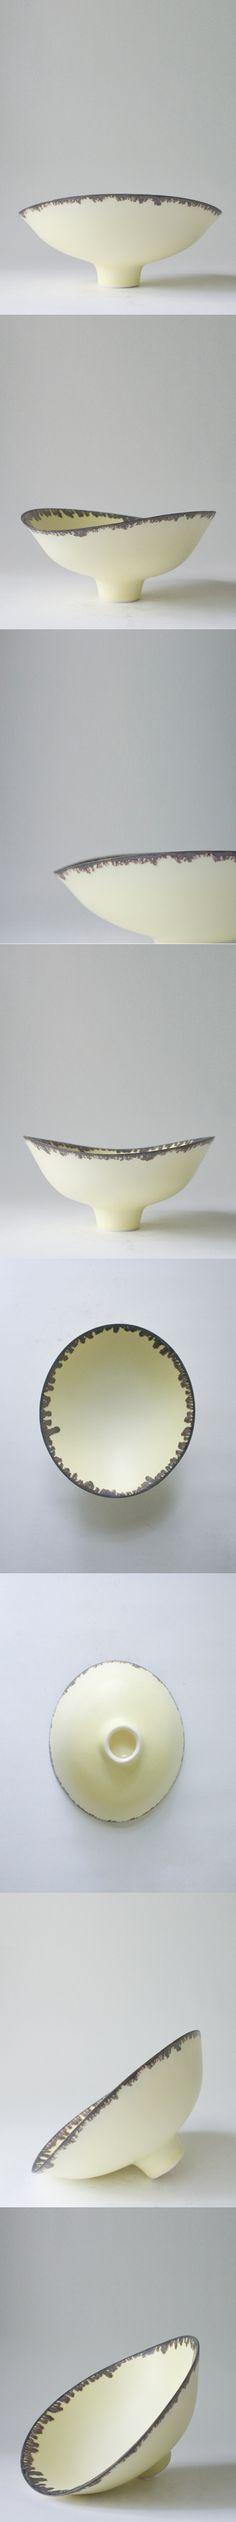 Ryota Aoki  Milk Lemon Vessel